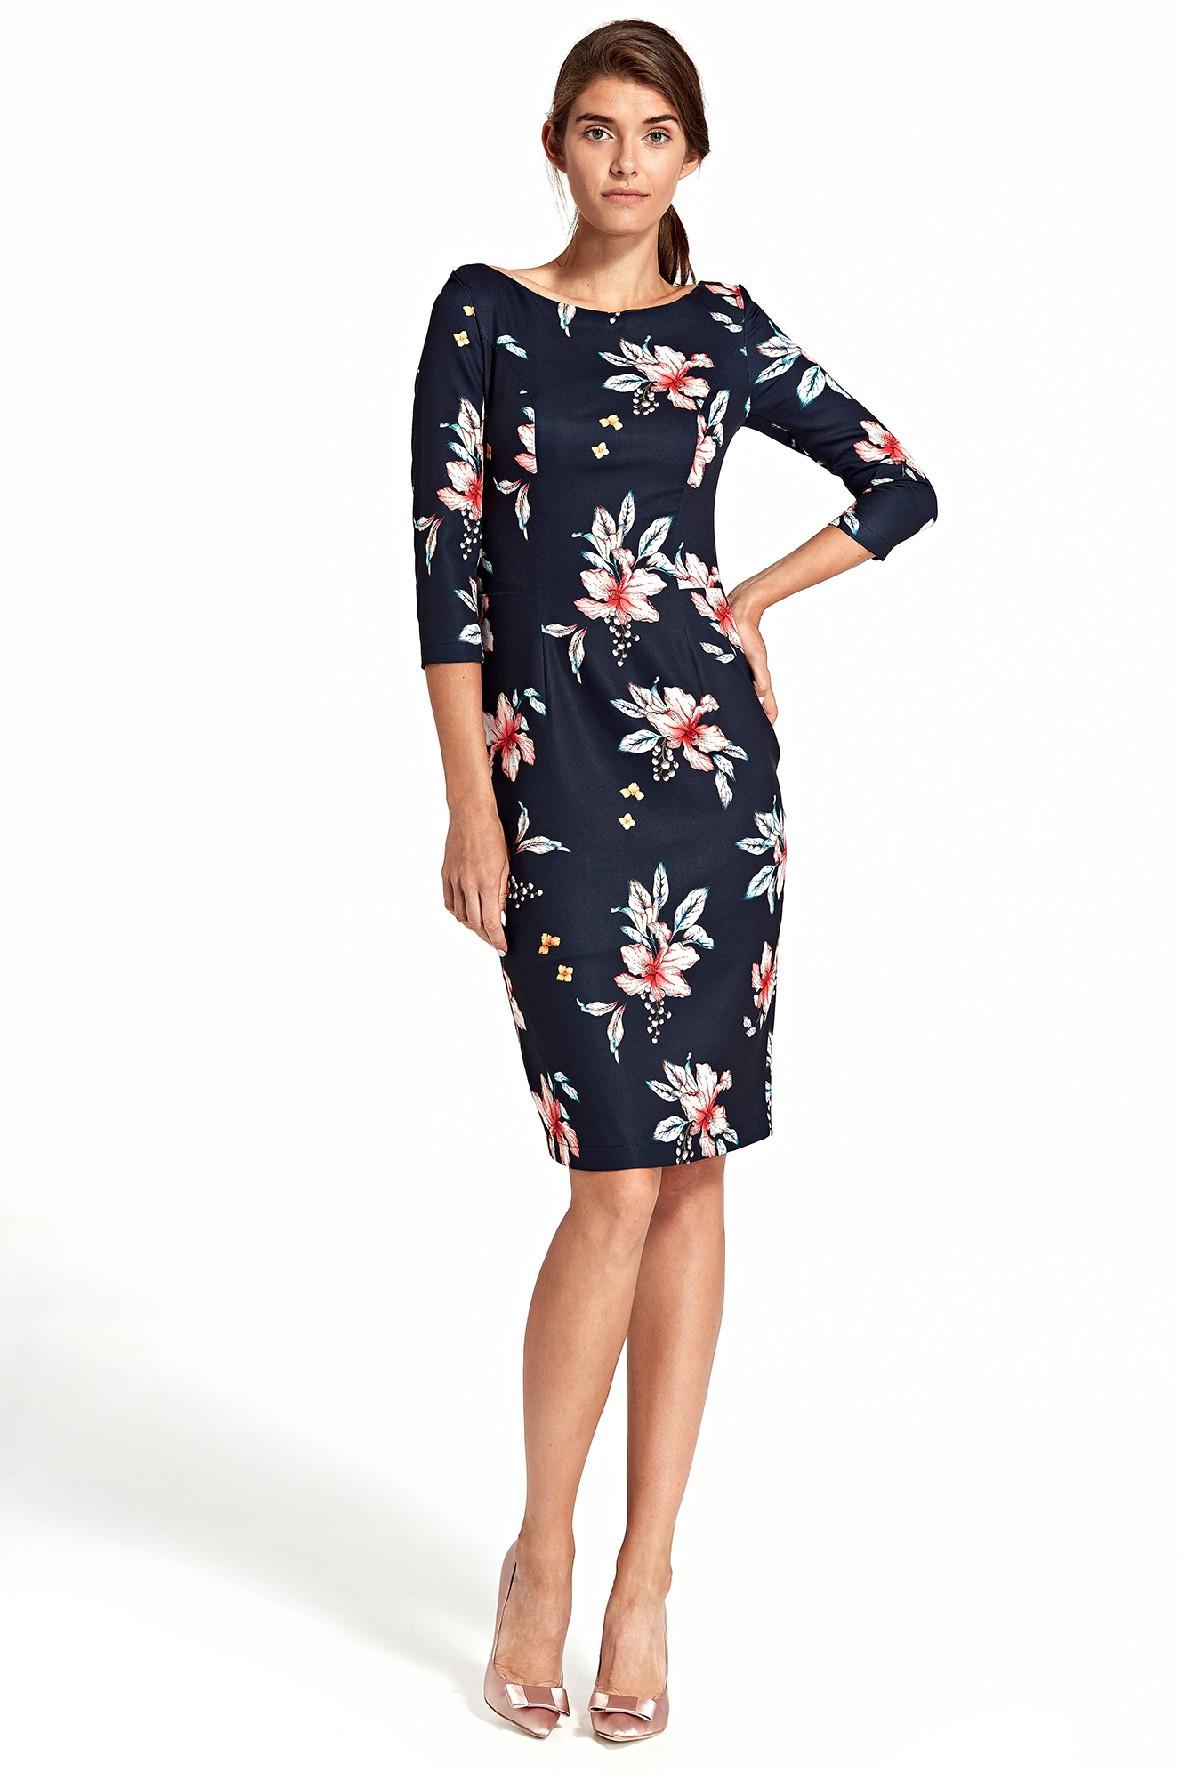 Sukienka damska w kwiaty z delikatnym wycięciem na plecach